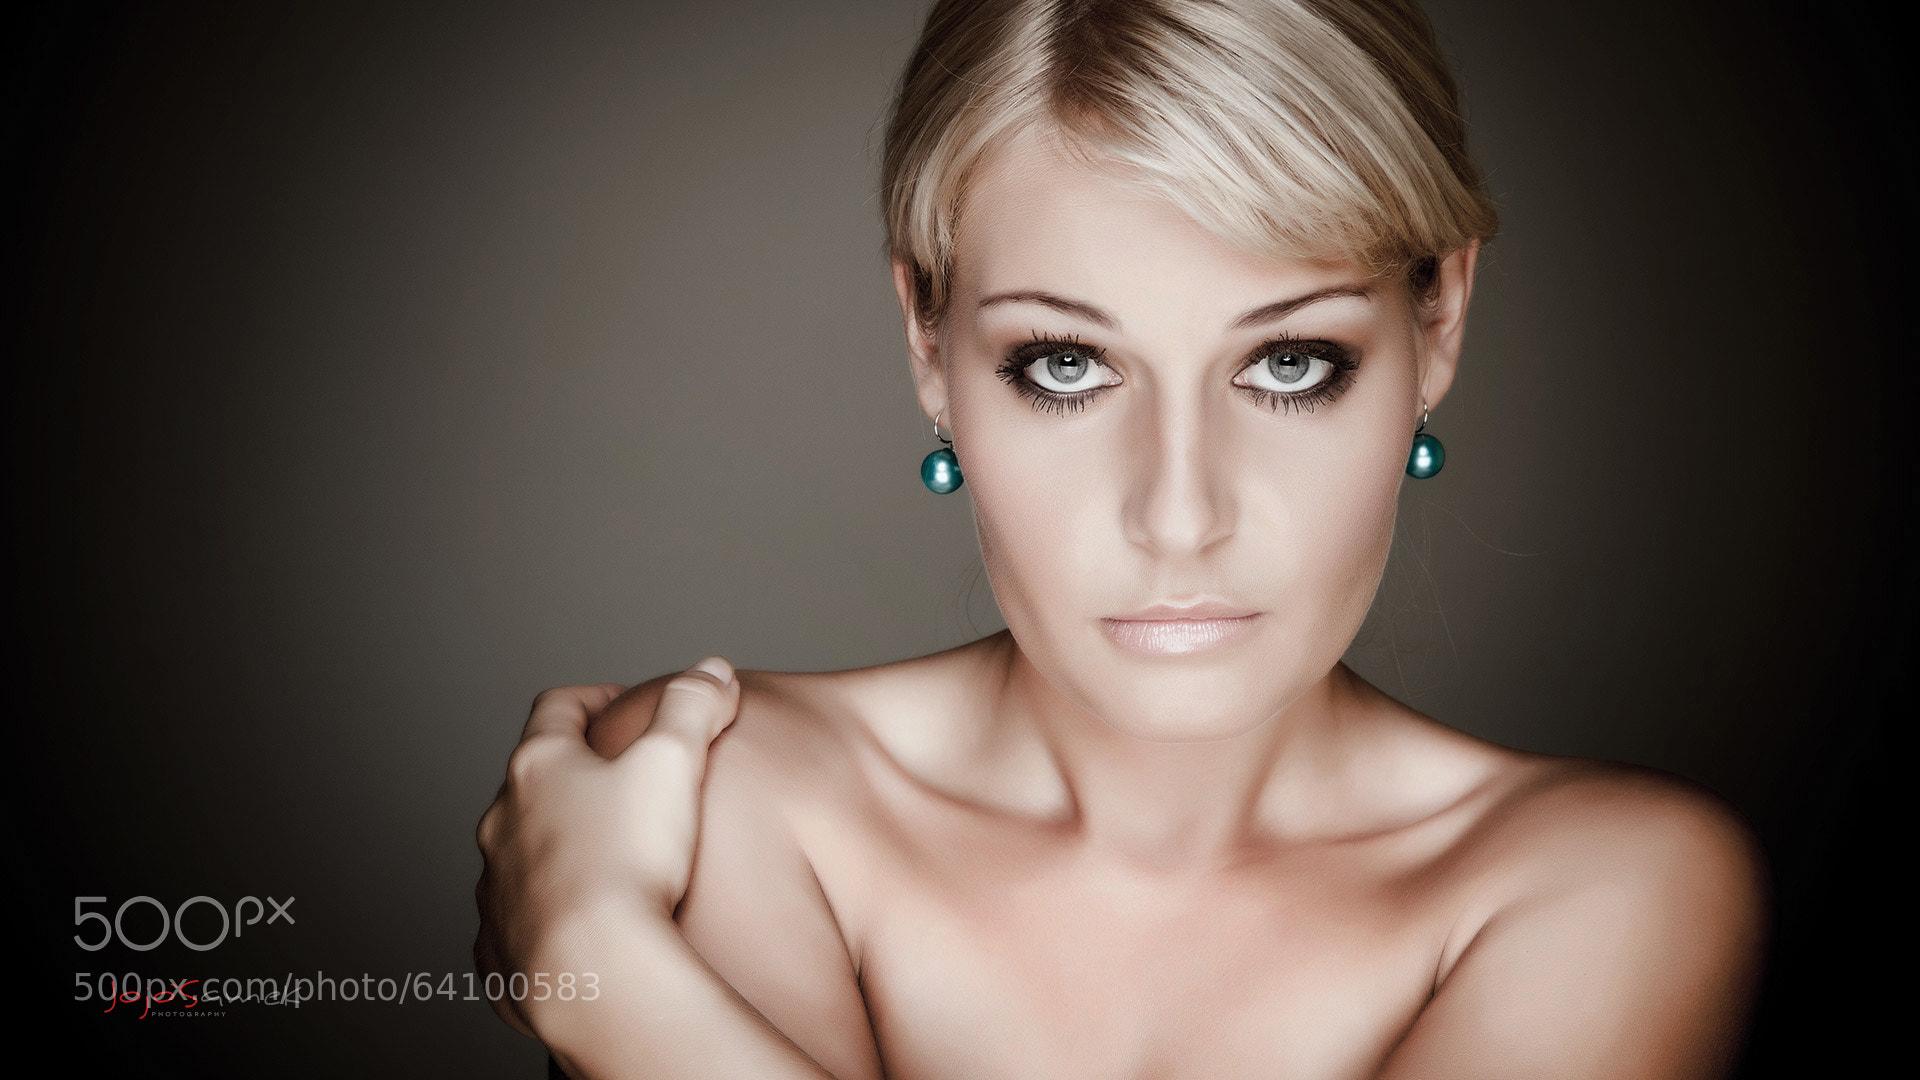 Photograph Model by Jojo Samek on 500px